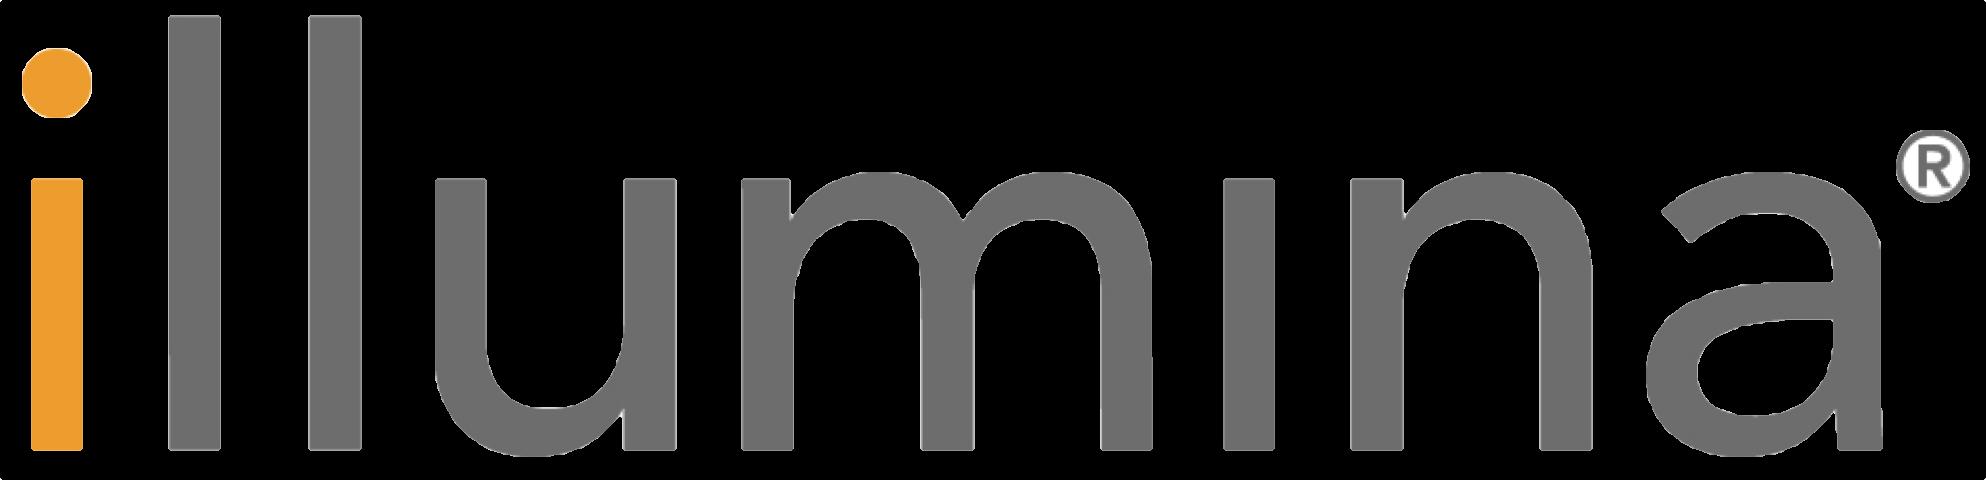 Logotipo illumina